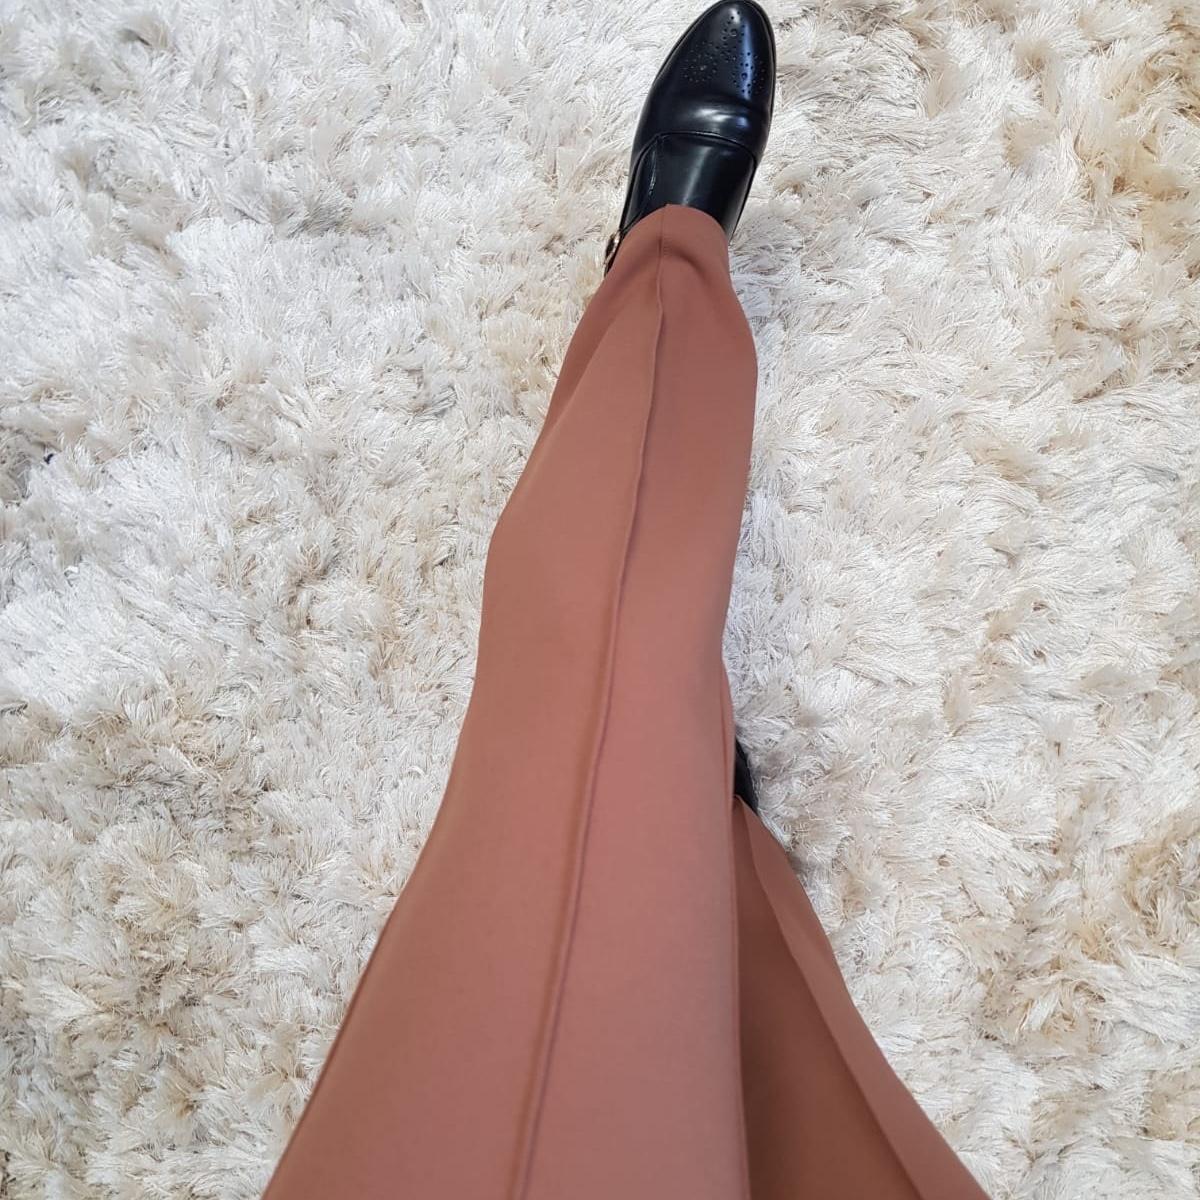 Flarred pants gallipoli l-bruin